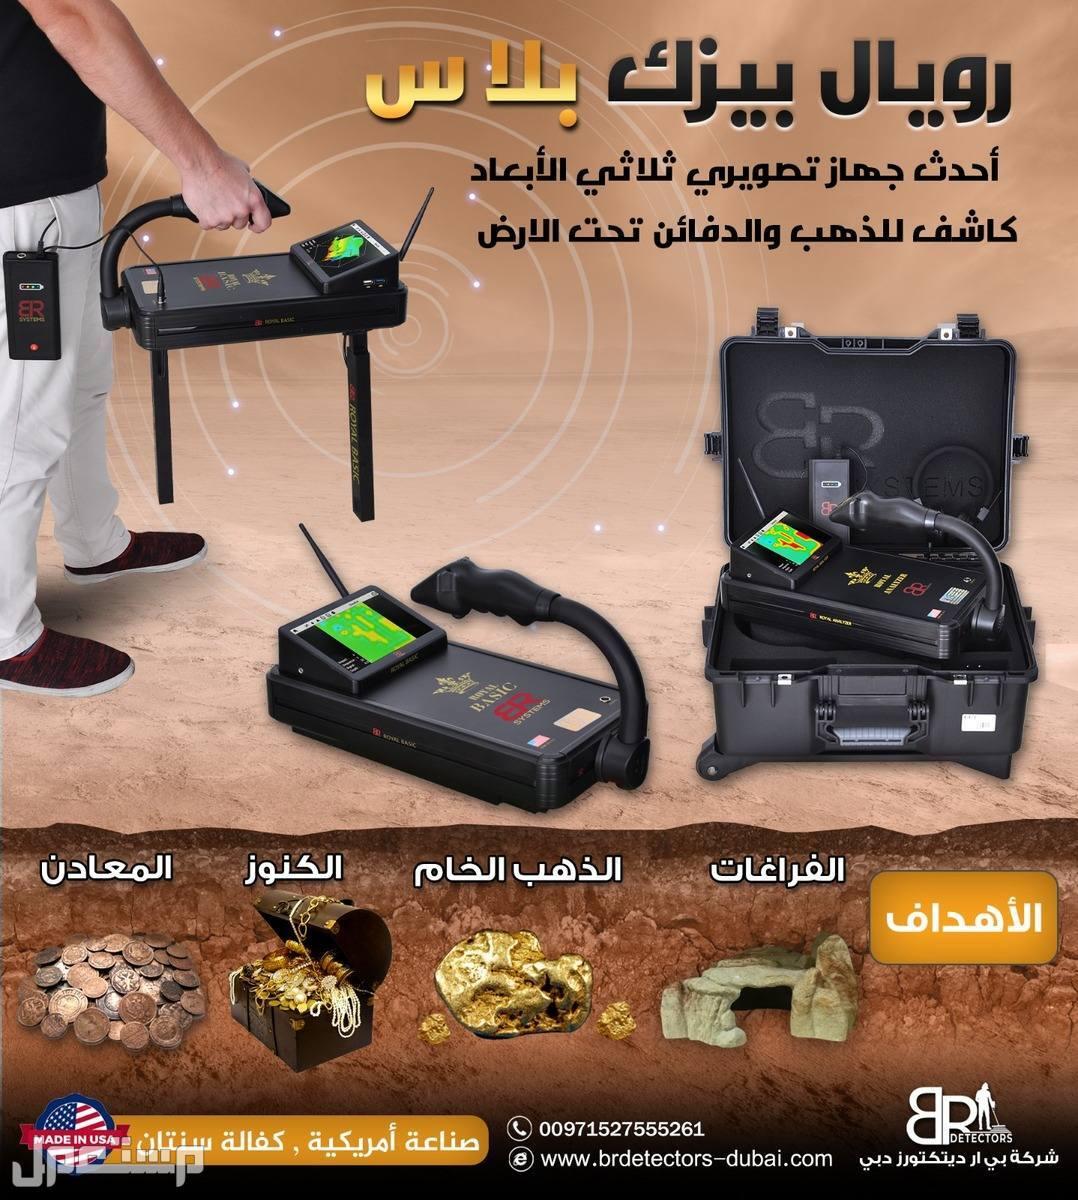 اجهزة كشف الاثار - اجهزة كشف الذهب في مصر اجهزة كشف الاثار - اجهزة كشف الذهب في مصر